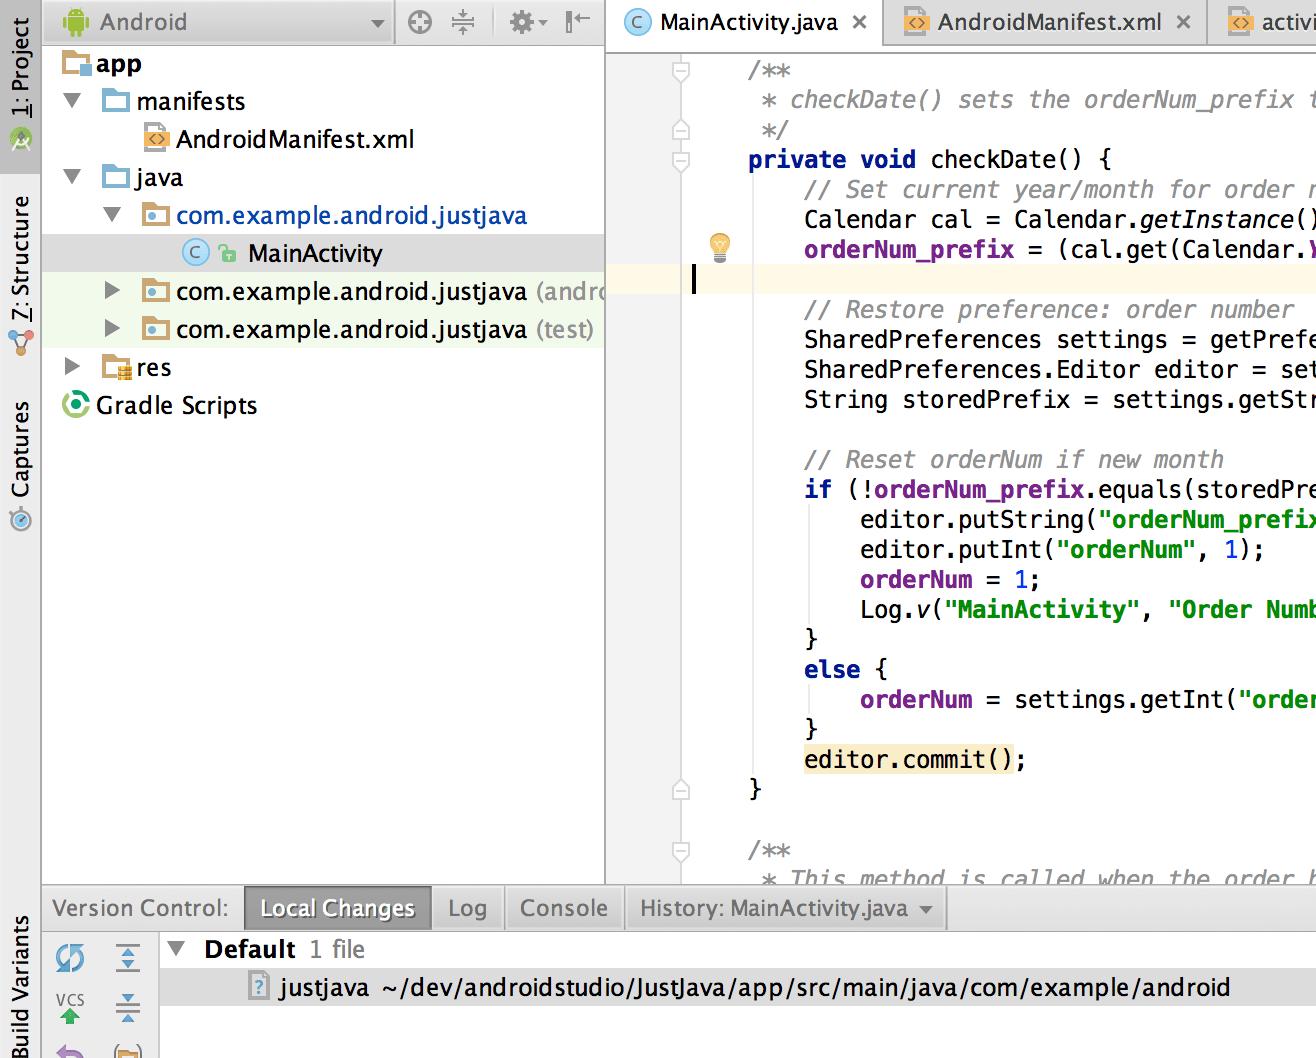 Log v Java